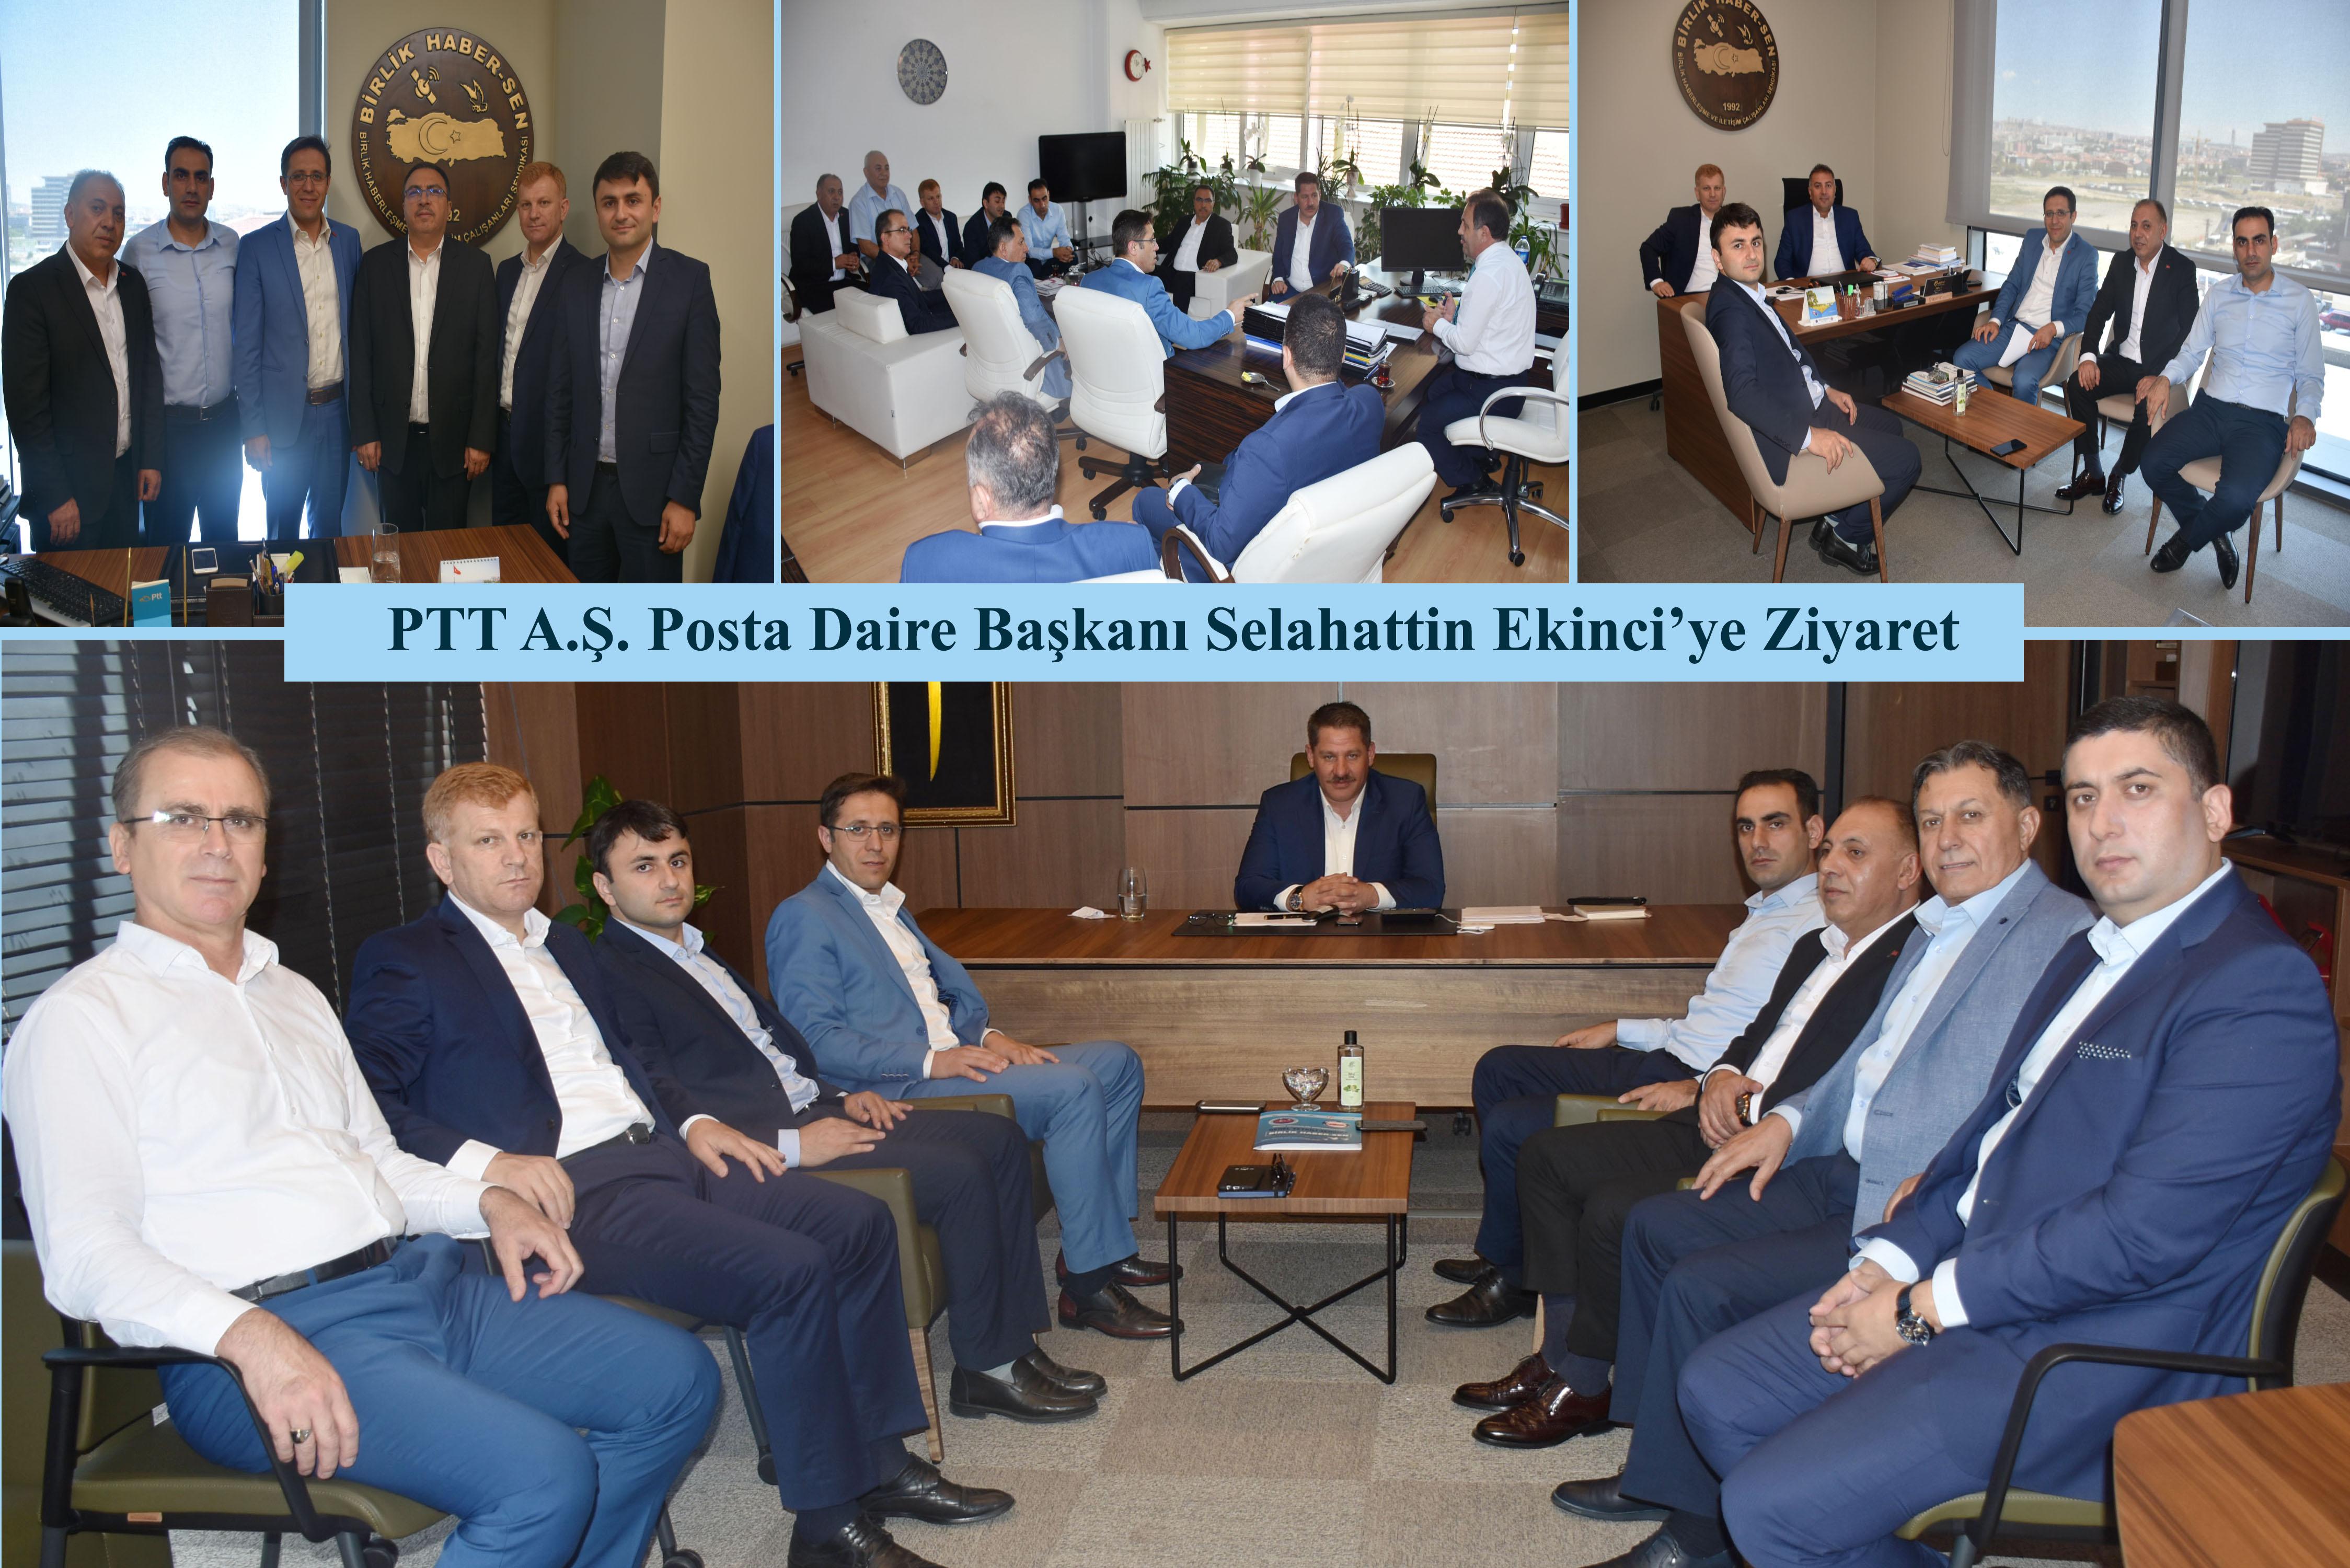 PTT A.Ş. Posta Daire Başkanı Selahattin Ekinci'ye Ziyaret